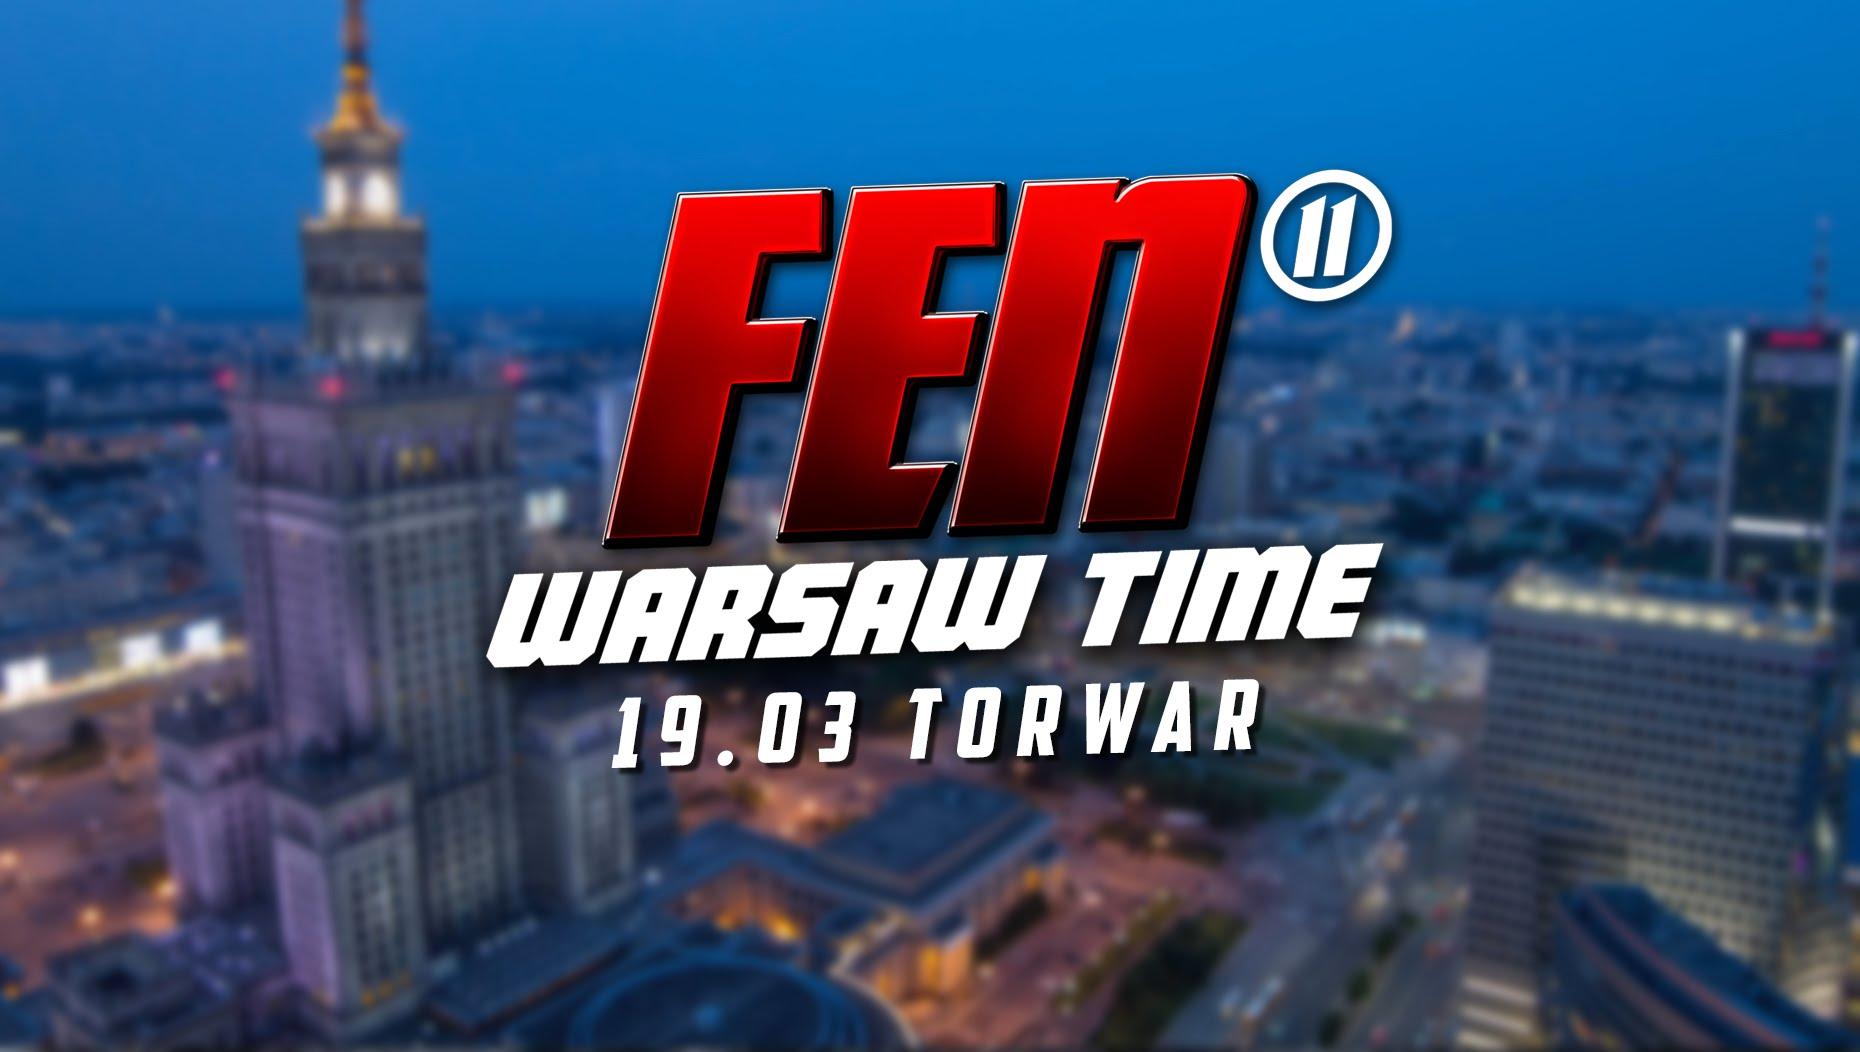 Zapowiedź gali FEN 11 Warsaw Time